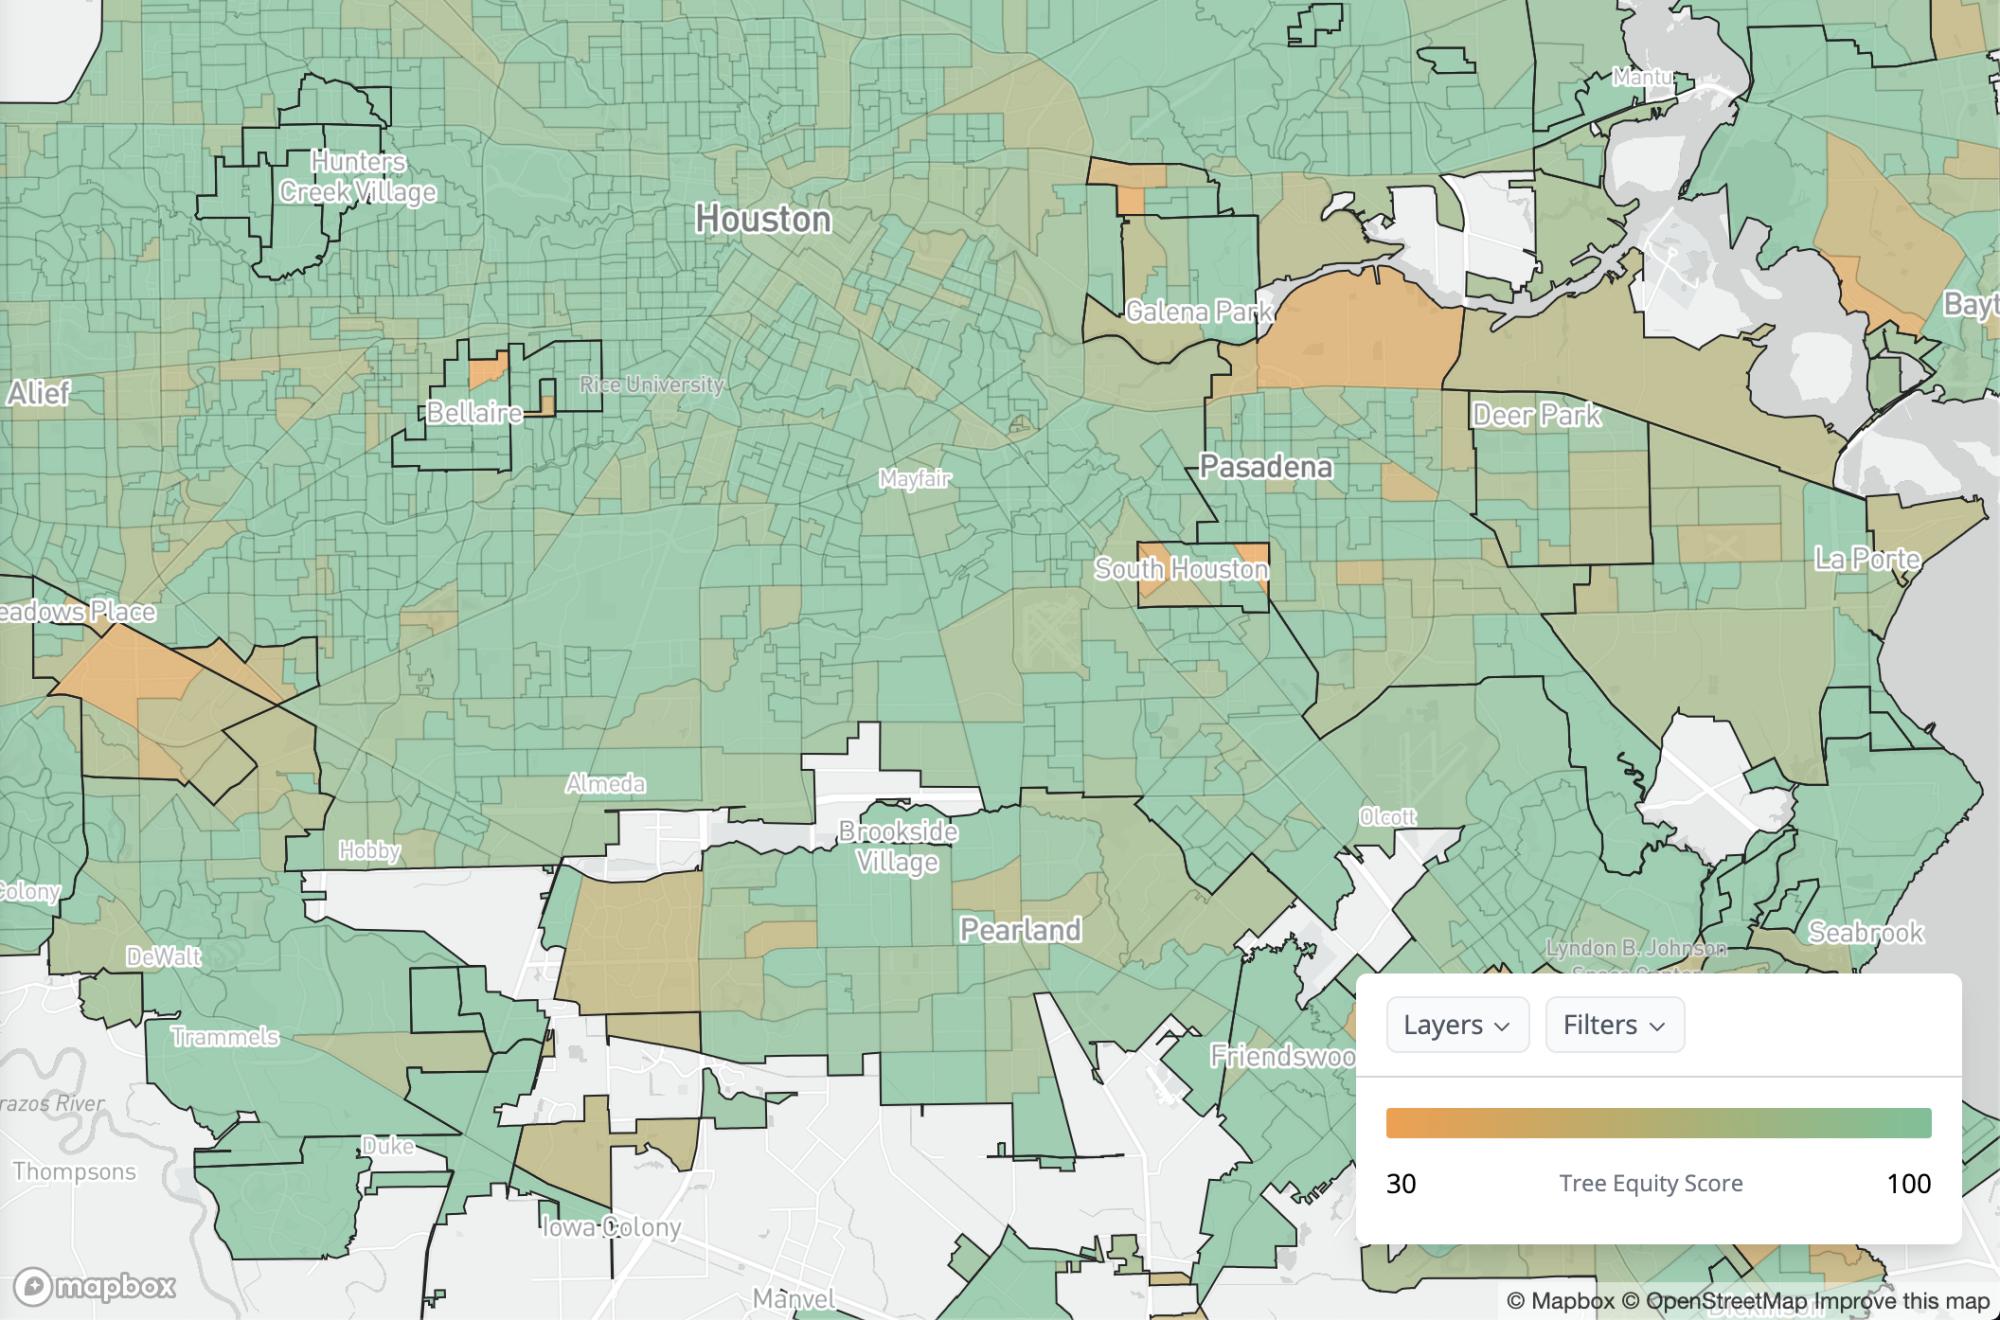 """صورة لـ""""خريطة العدالة في مستوى الأشجار"""" لمدينة هيوستن الأمريكية"""